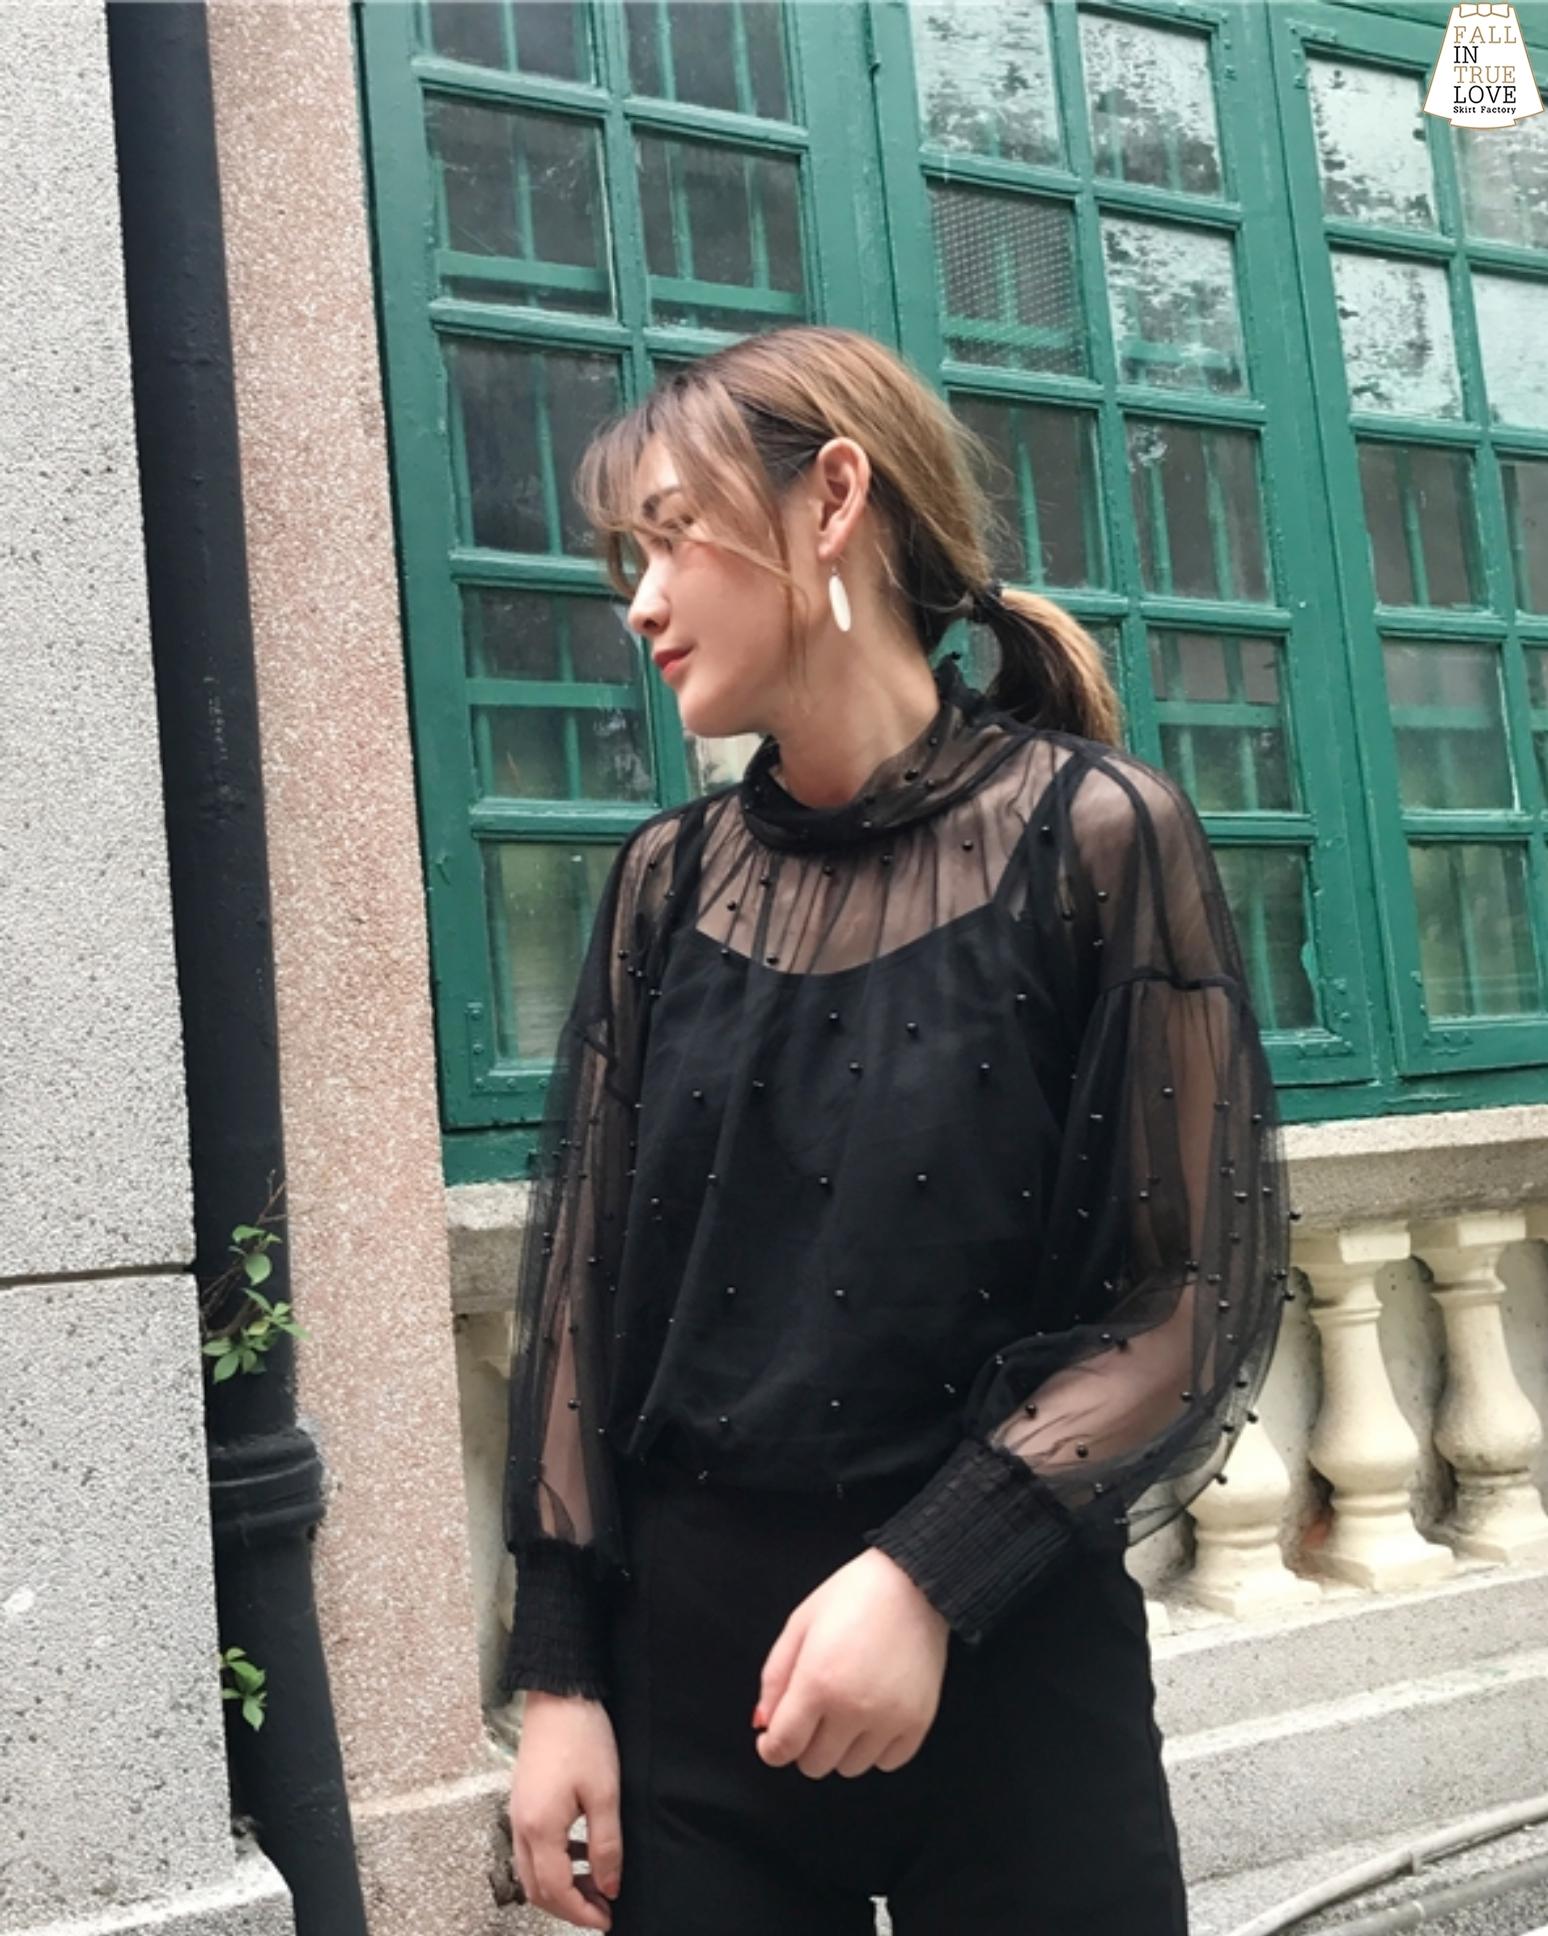 เสื้อผ้าเกาหลีพร้อมส่ง เสื้อผ้าตาข่ายมุ้งเนื้อดีเกรดพรีเมี่ยมตกแต่งมุกตอกรอบตัว